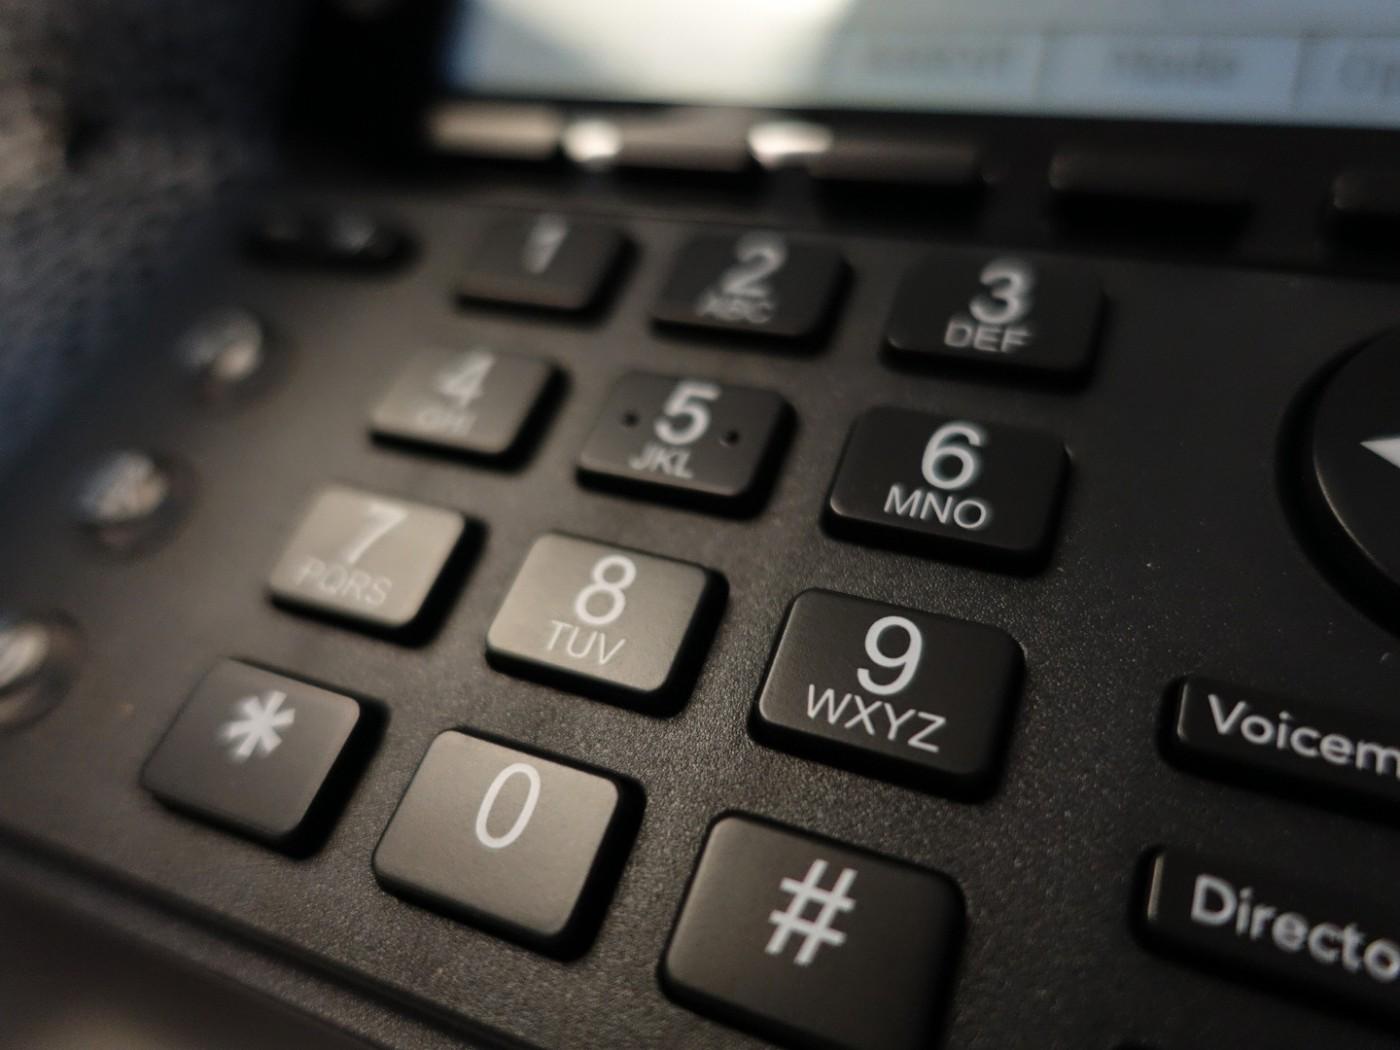 Phone - Phone keypad